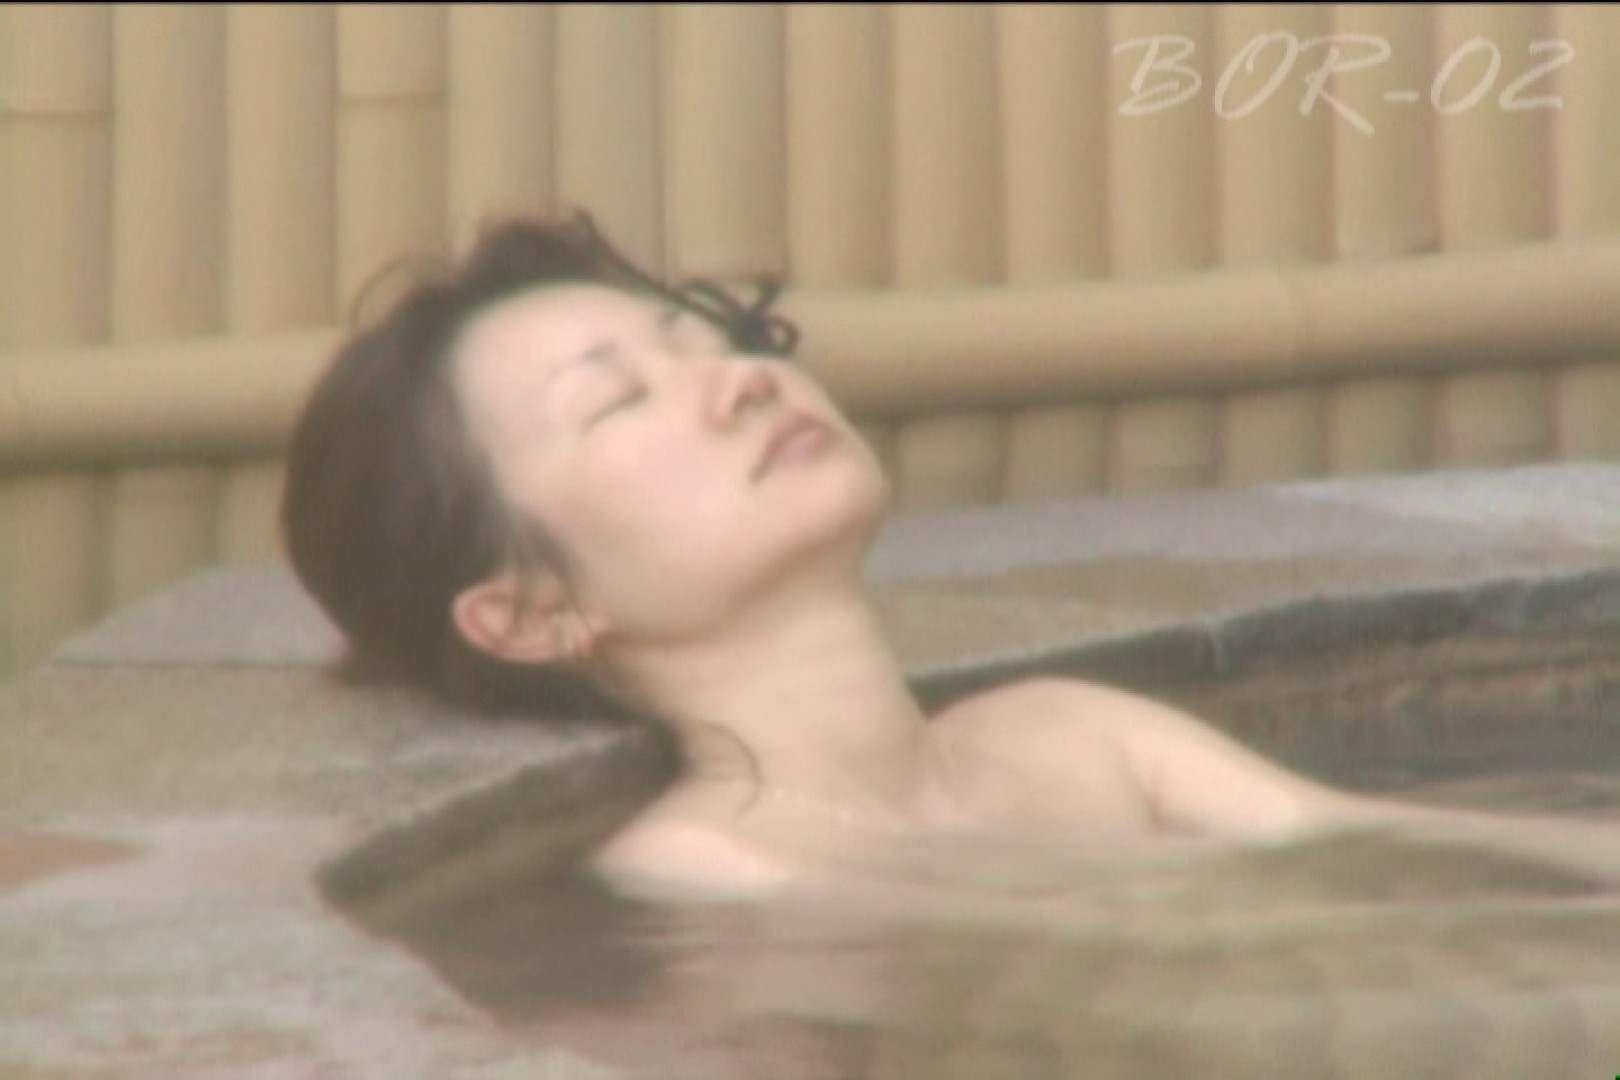 Aquaな露天風呂Vol.477 美しいOLの裸体   盗撮師作品  90pic 46